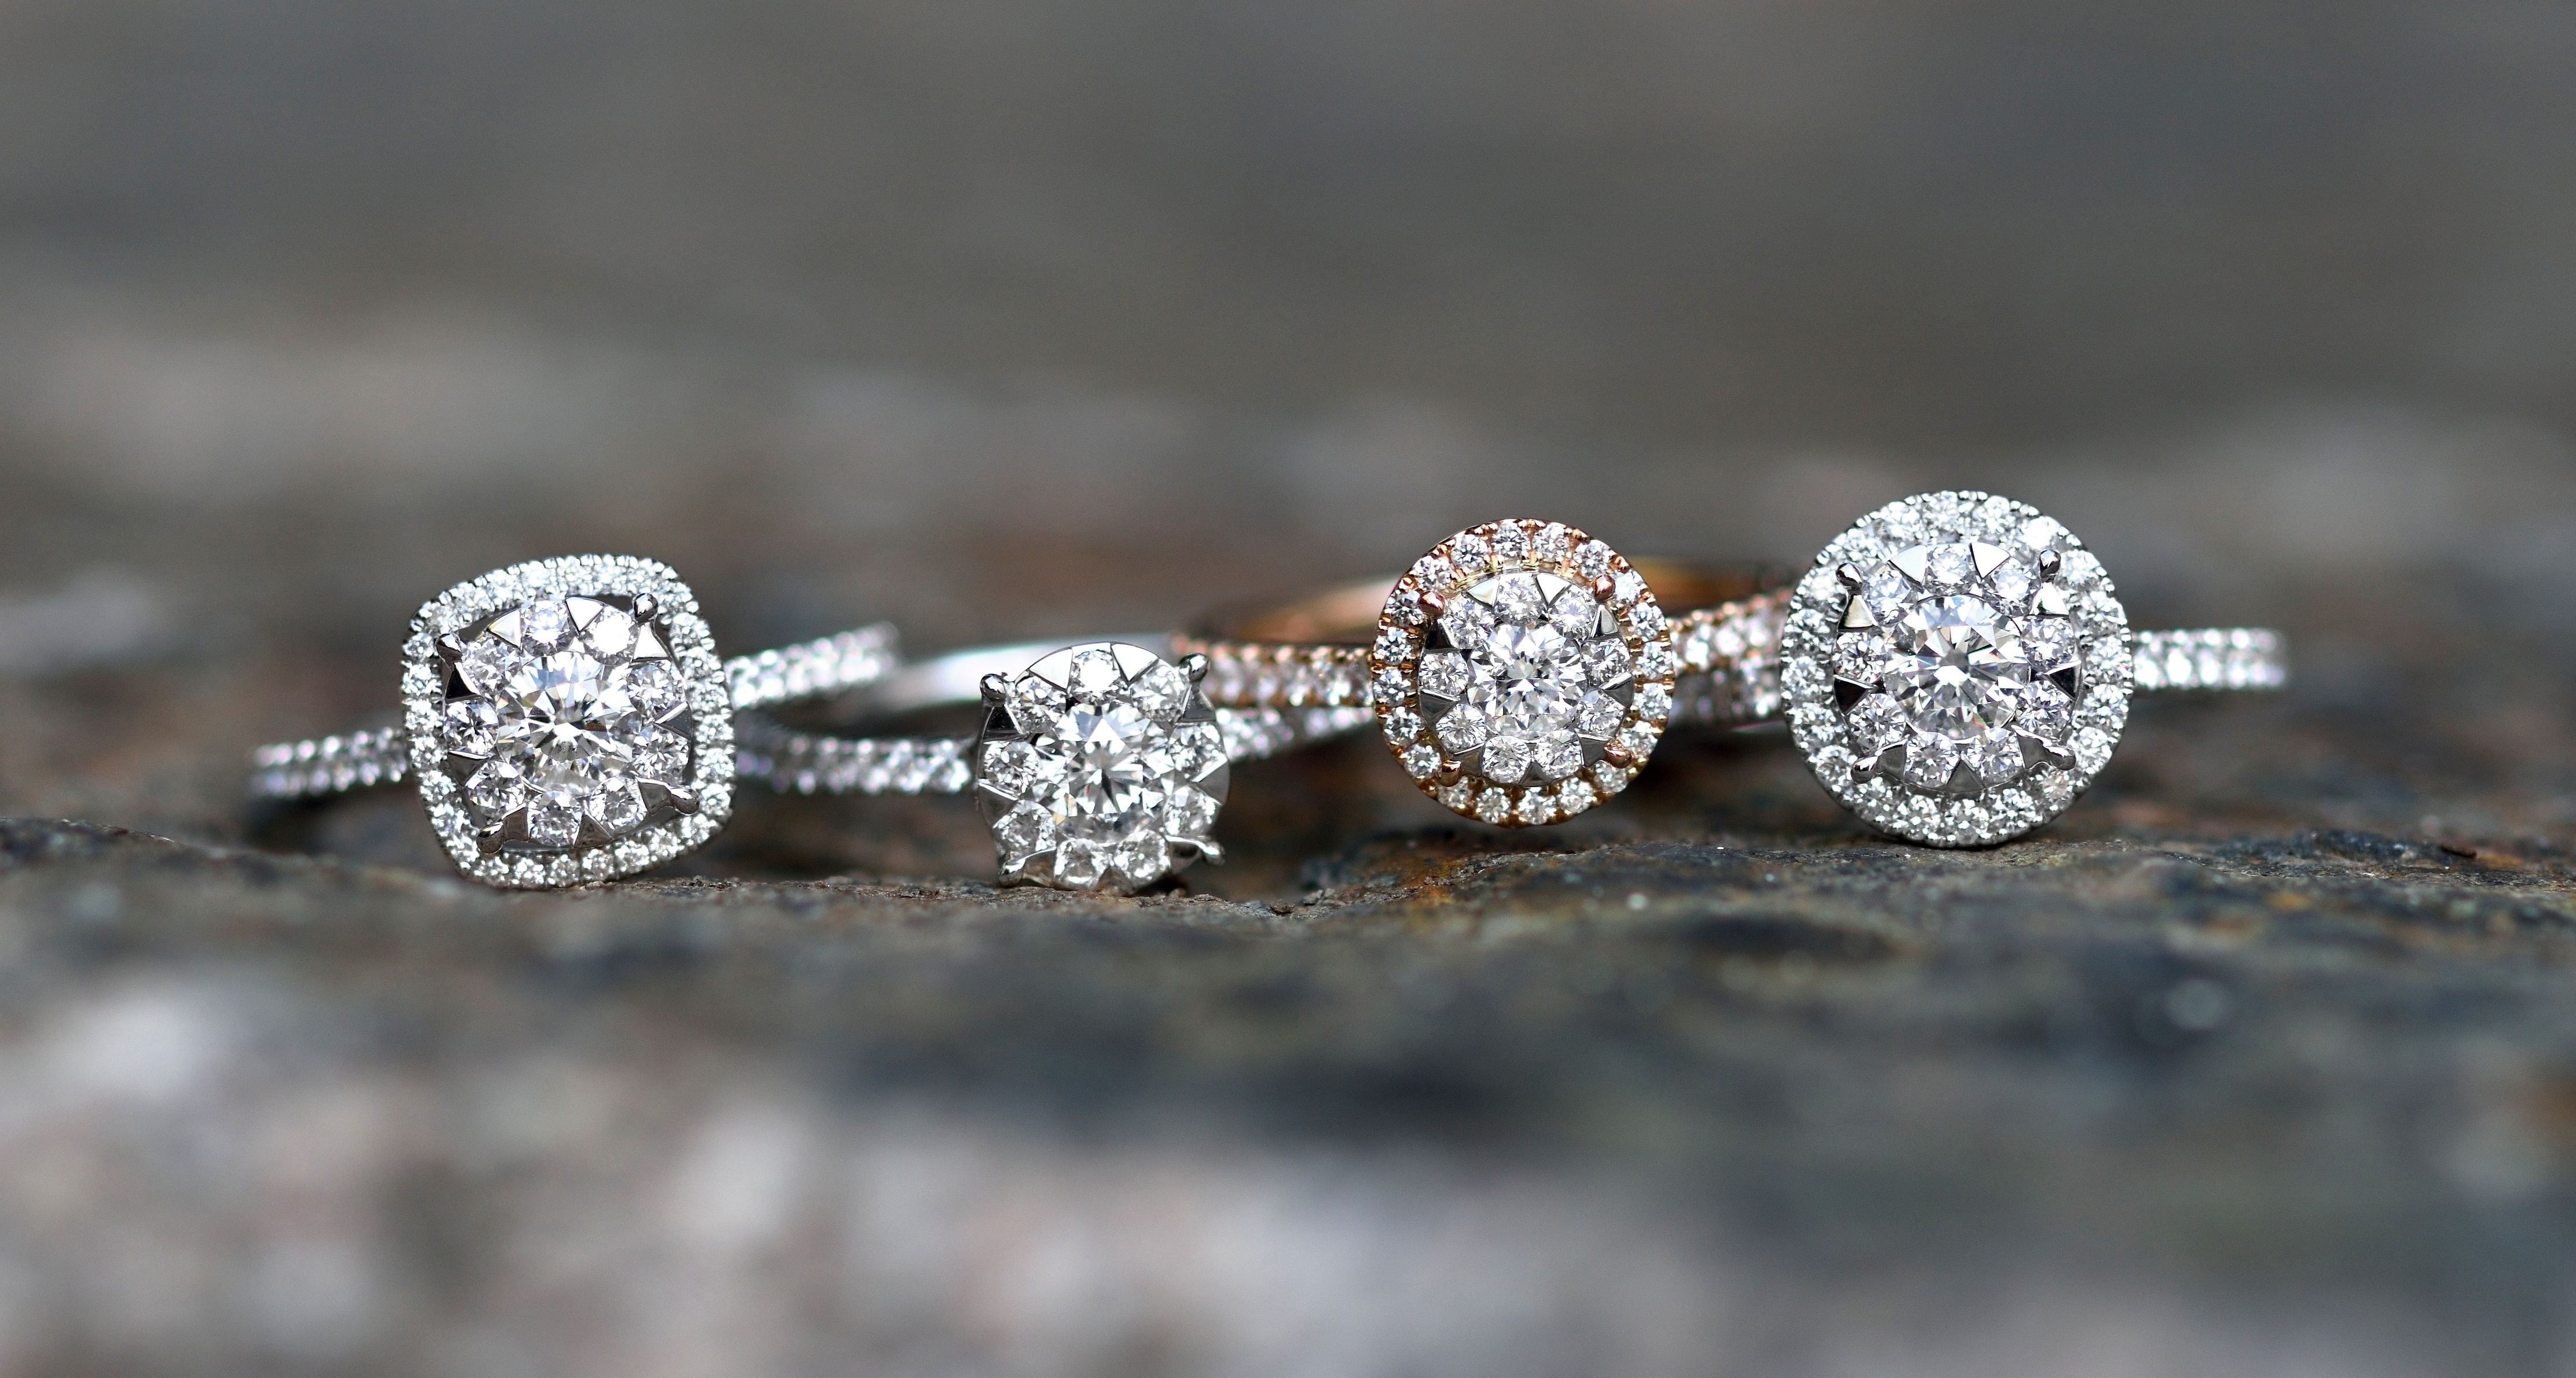 memoire-bouquet-rings-055944-edited.jpg